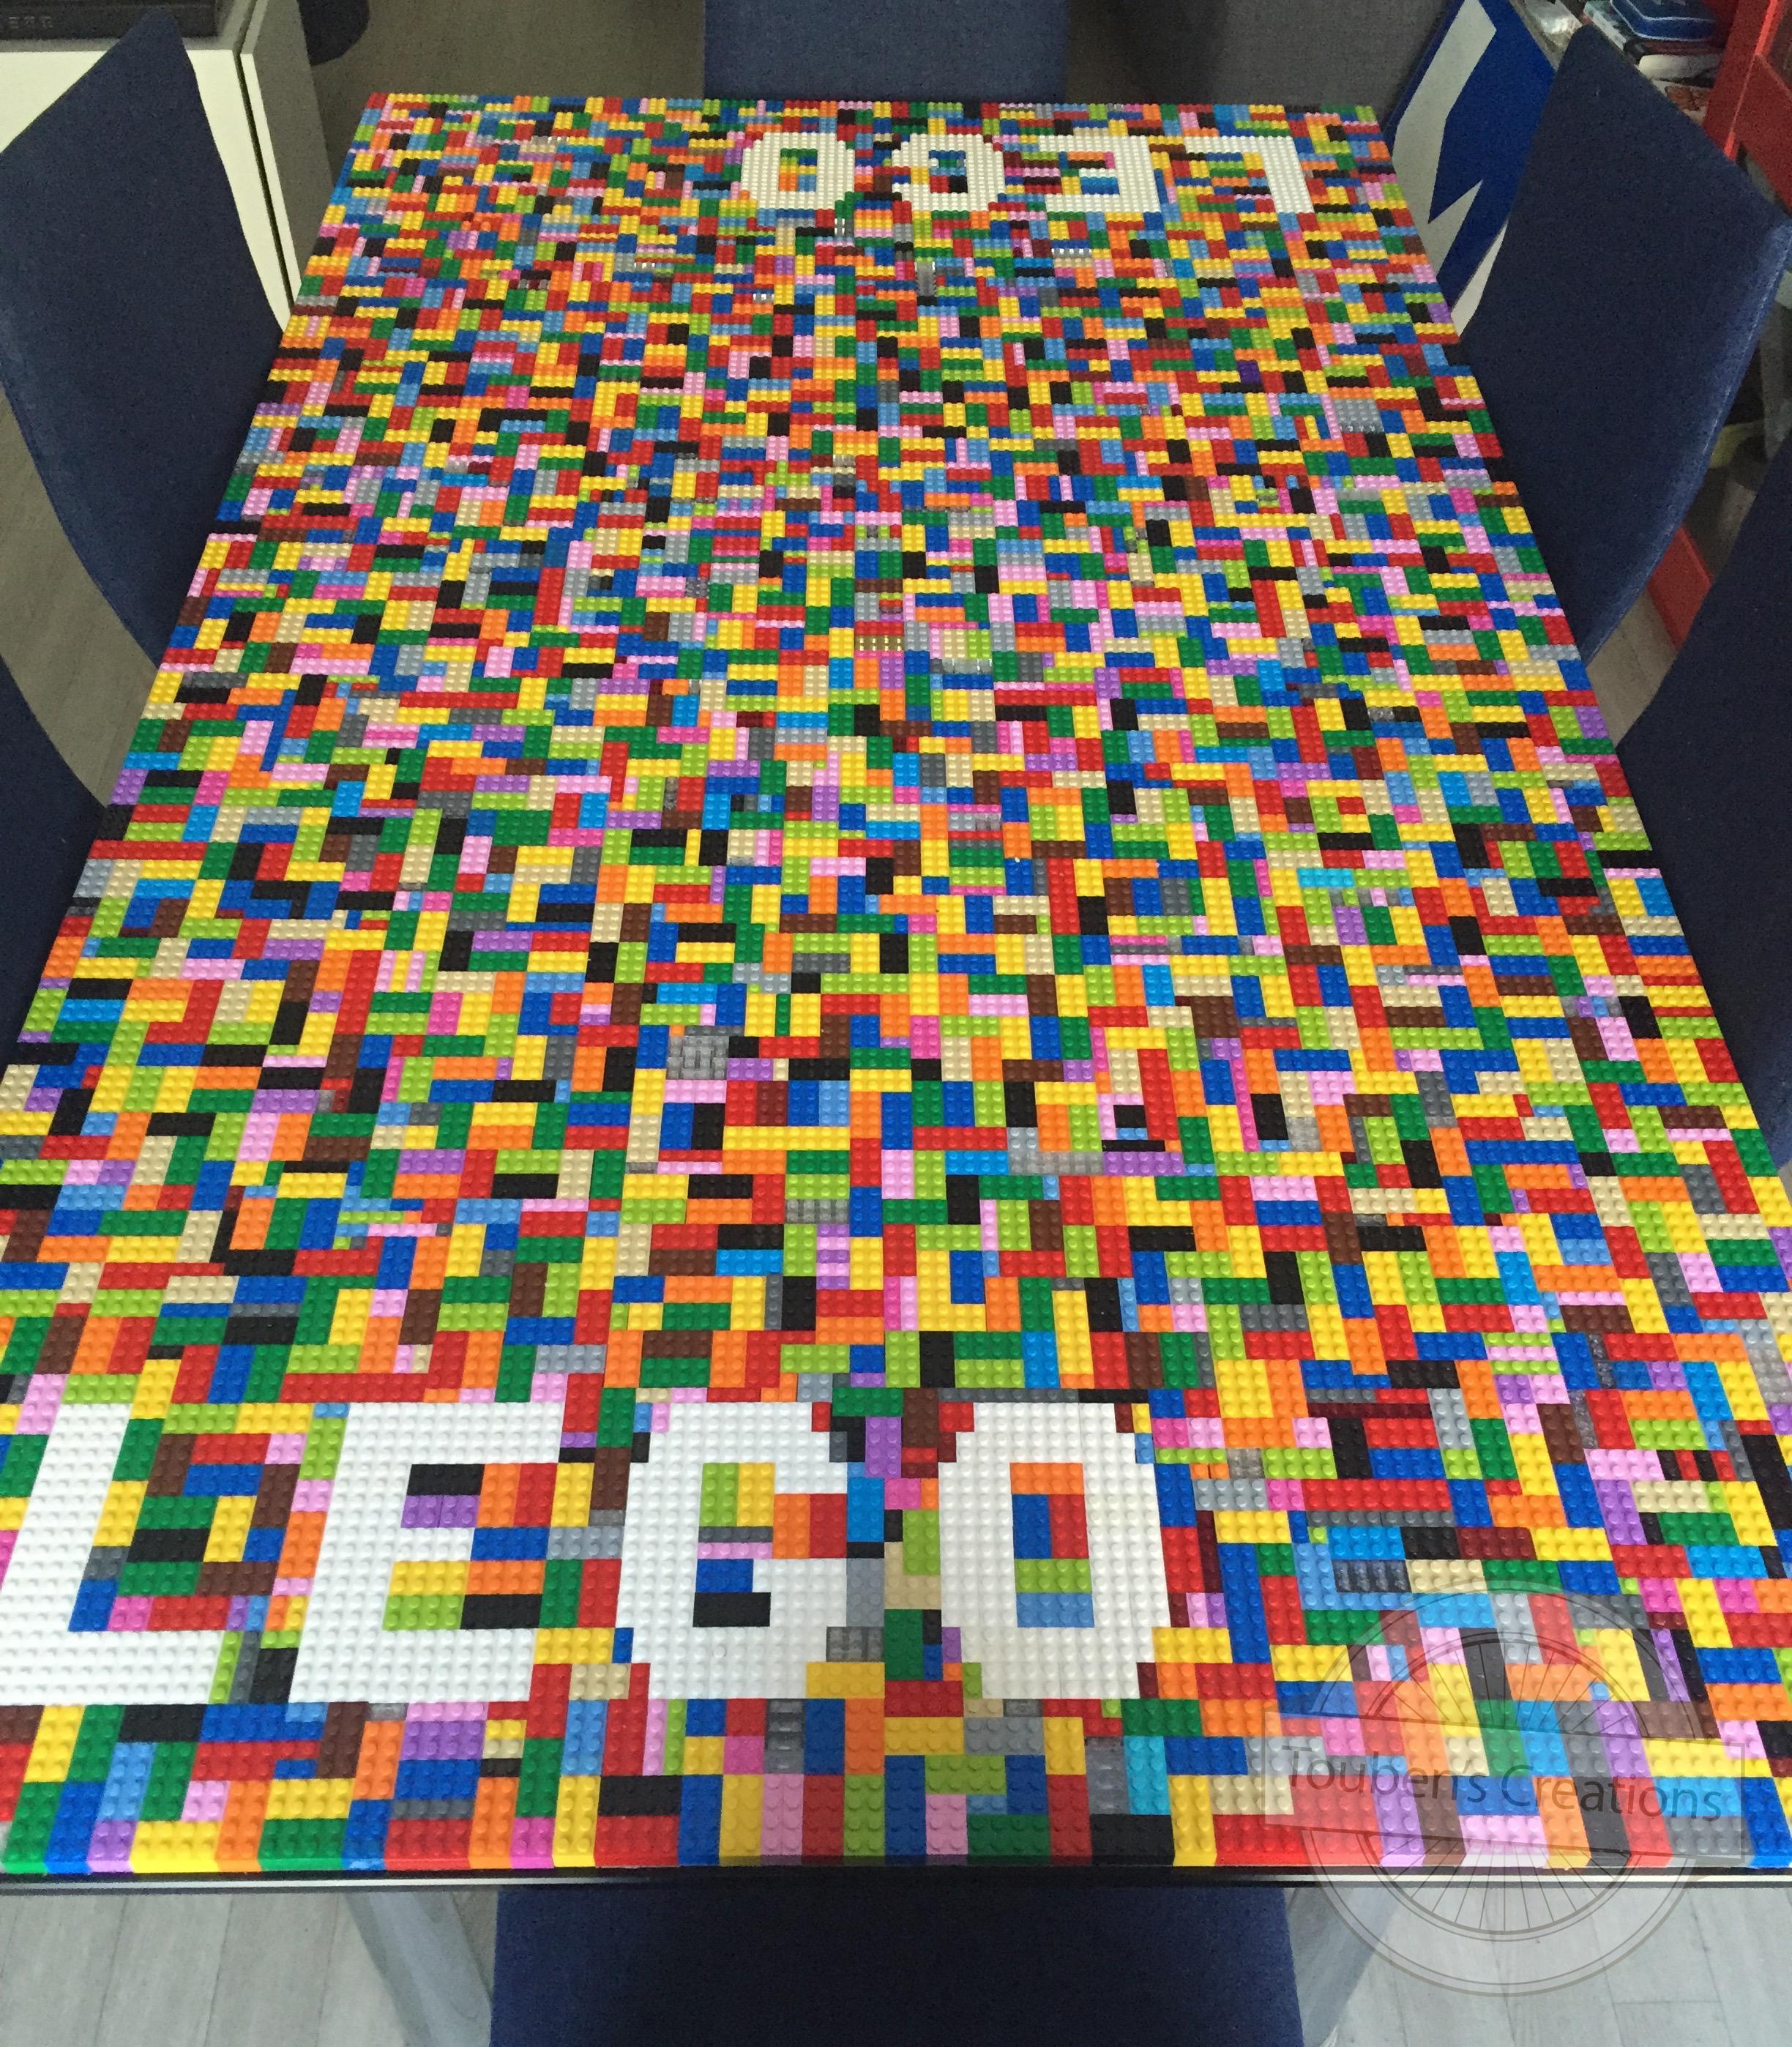 Tout un brique à brac de LEGO  Toubens Créations -> Tuto Table Lego